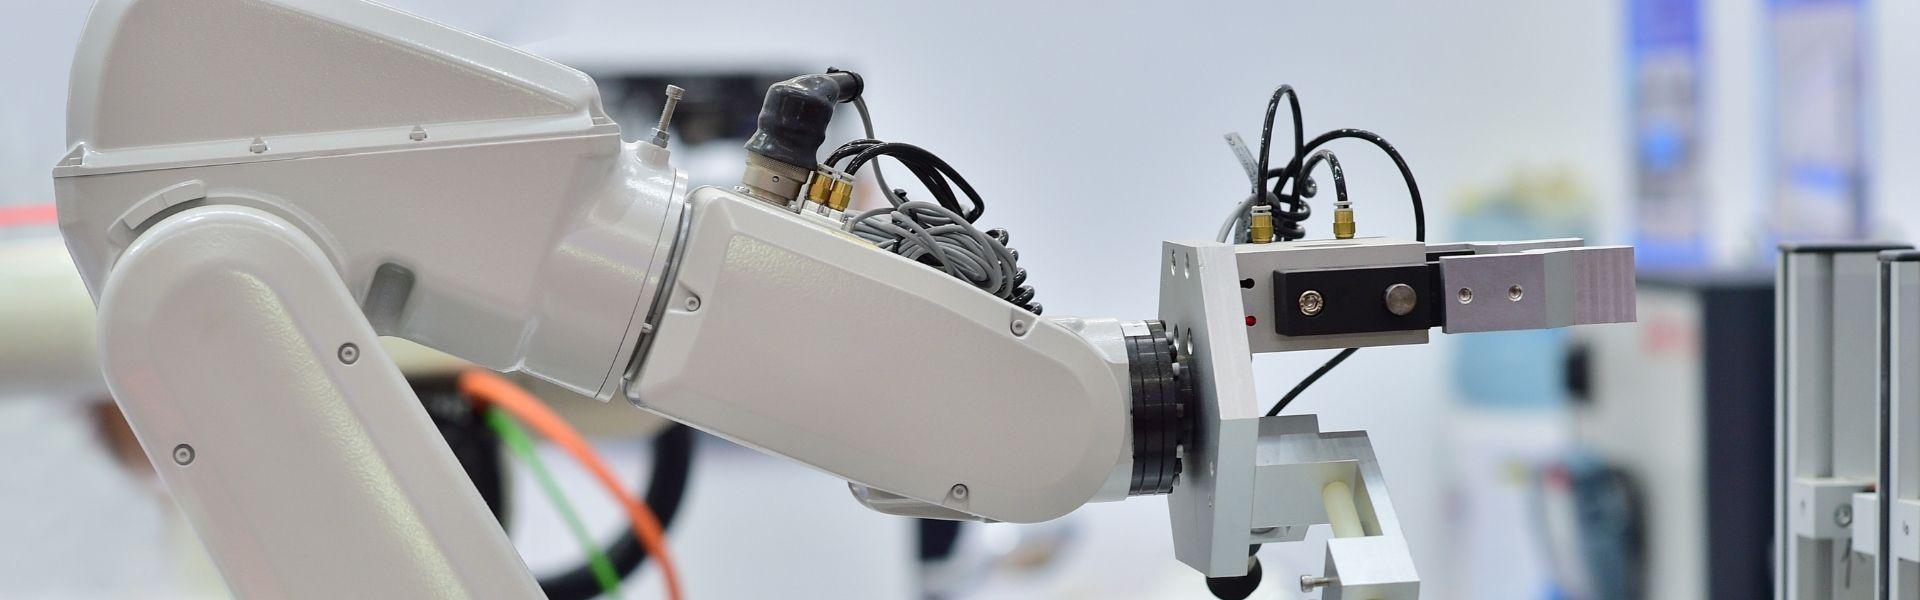 Fokusgruppe Robotik: 2. Austauschtreffen